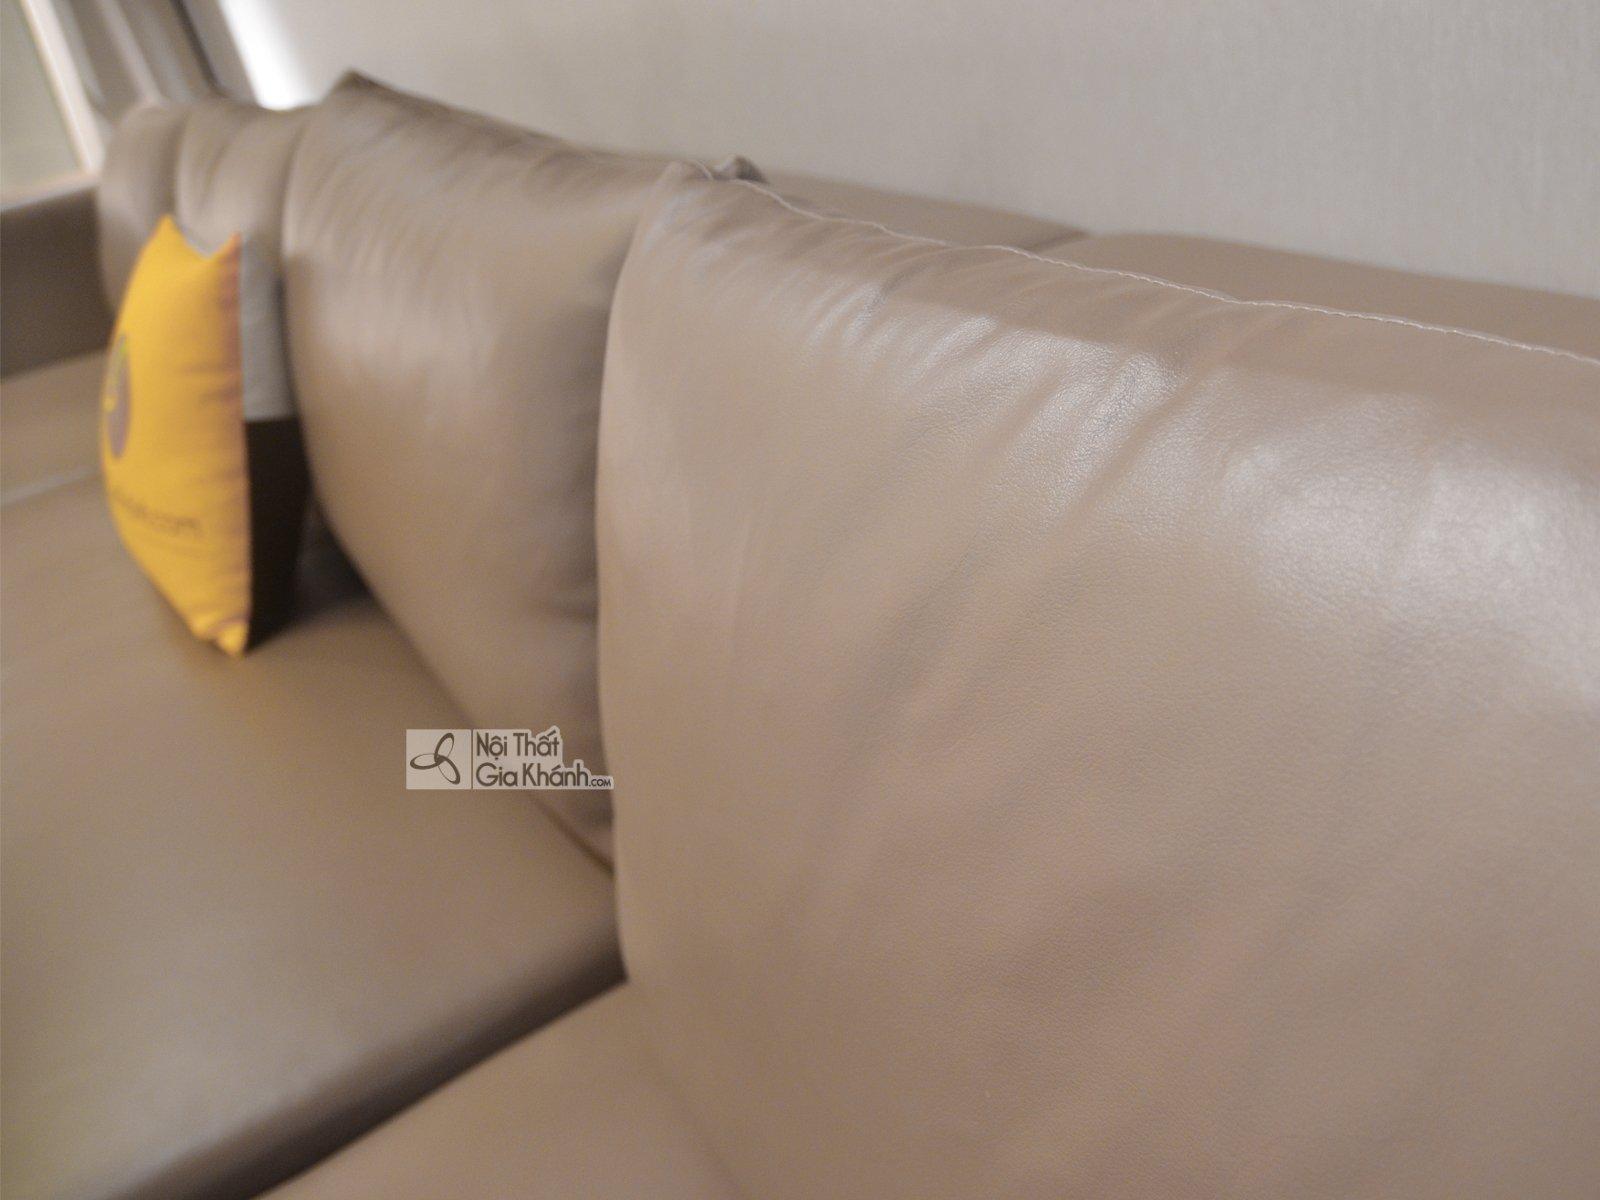 bo sofa da hien dai cao cap 1806sf 3 - BỘ SOFA DA HIỆN ĐẠI CAO CẤP 1806SF